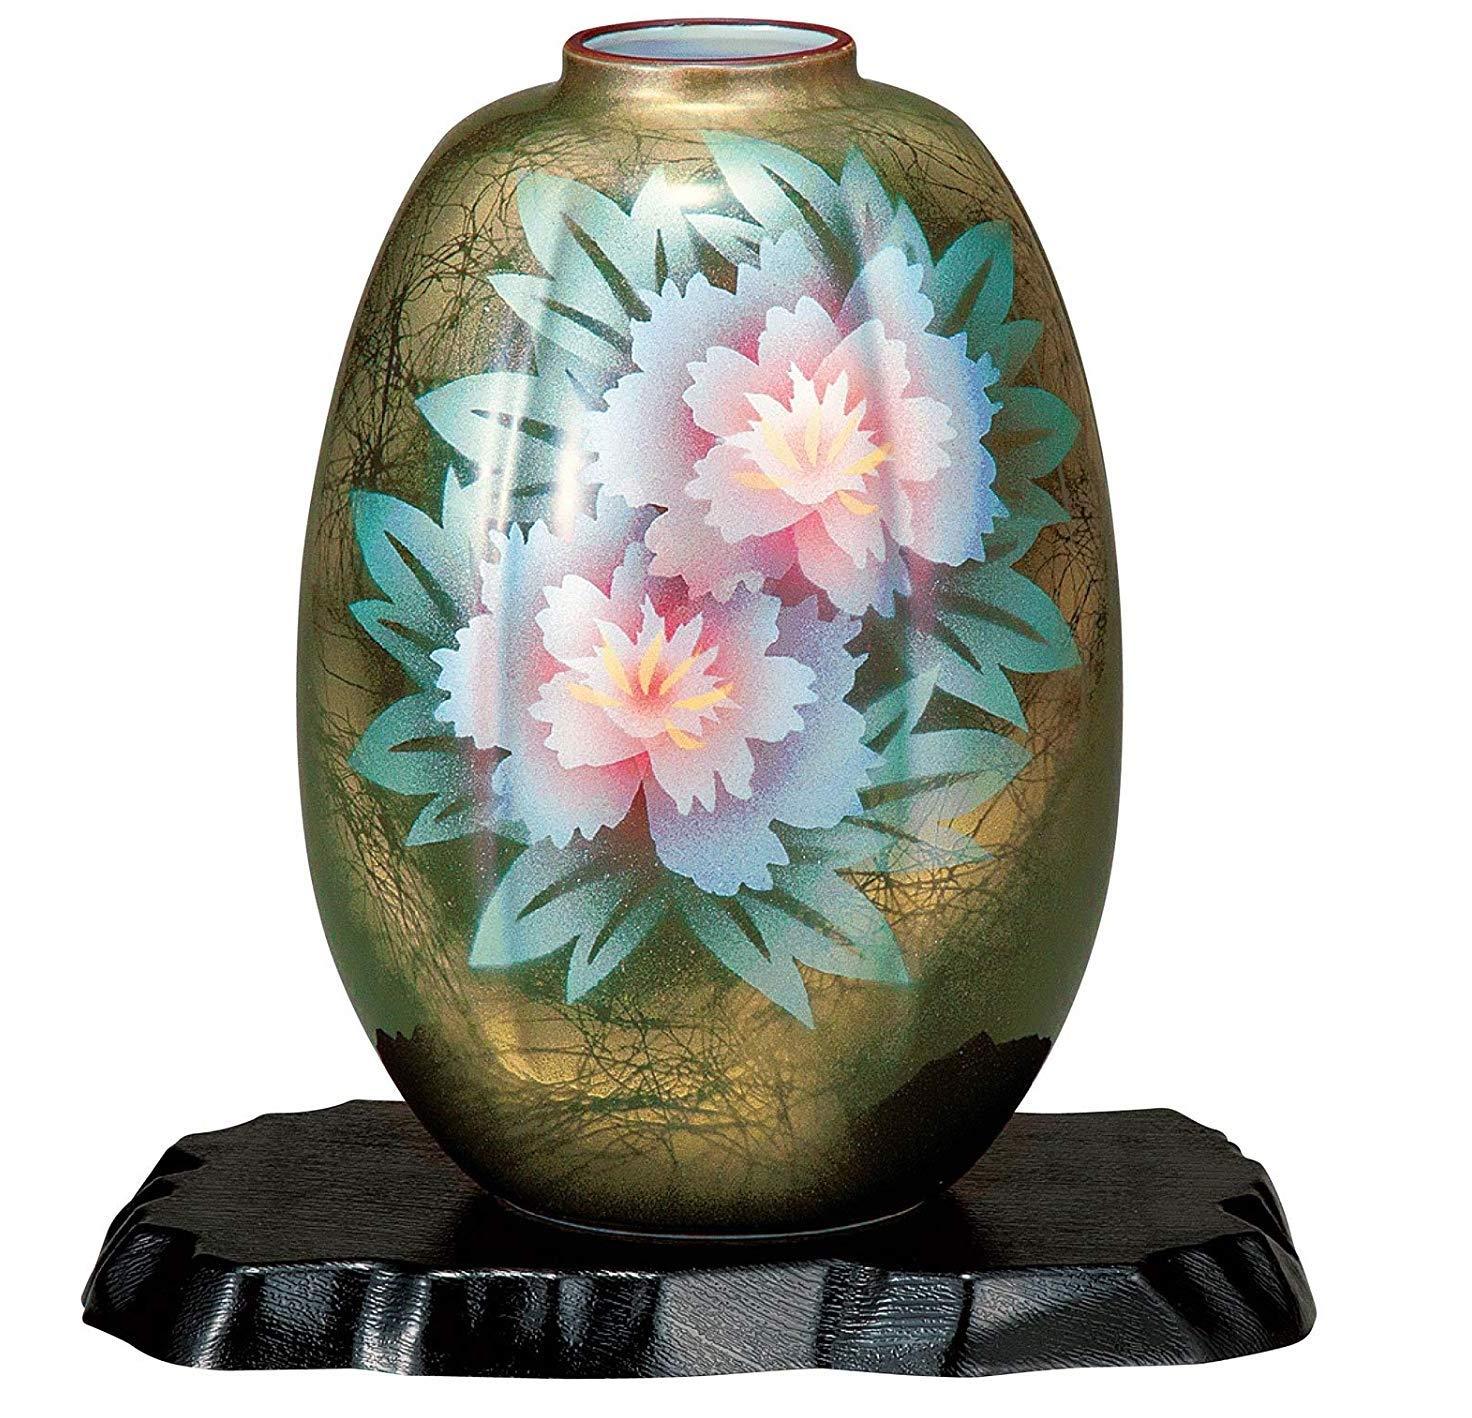 九谷焼 8号花瓶 牡丹 B07SSFKC3S